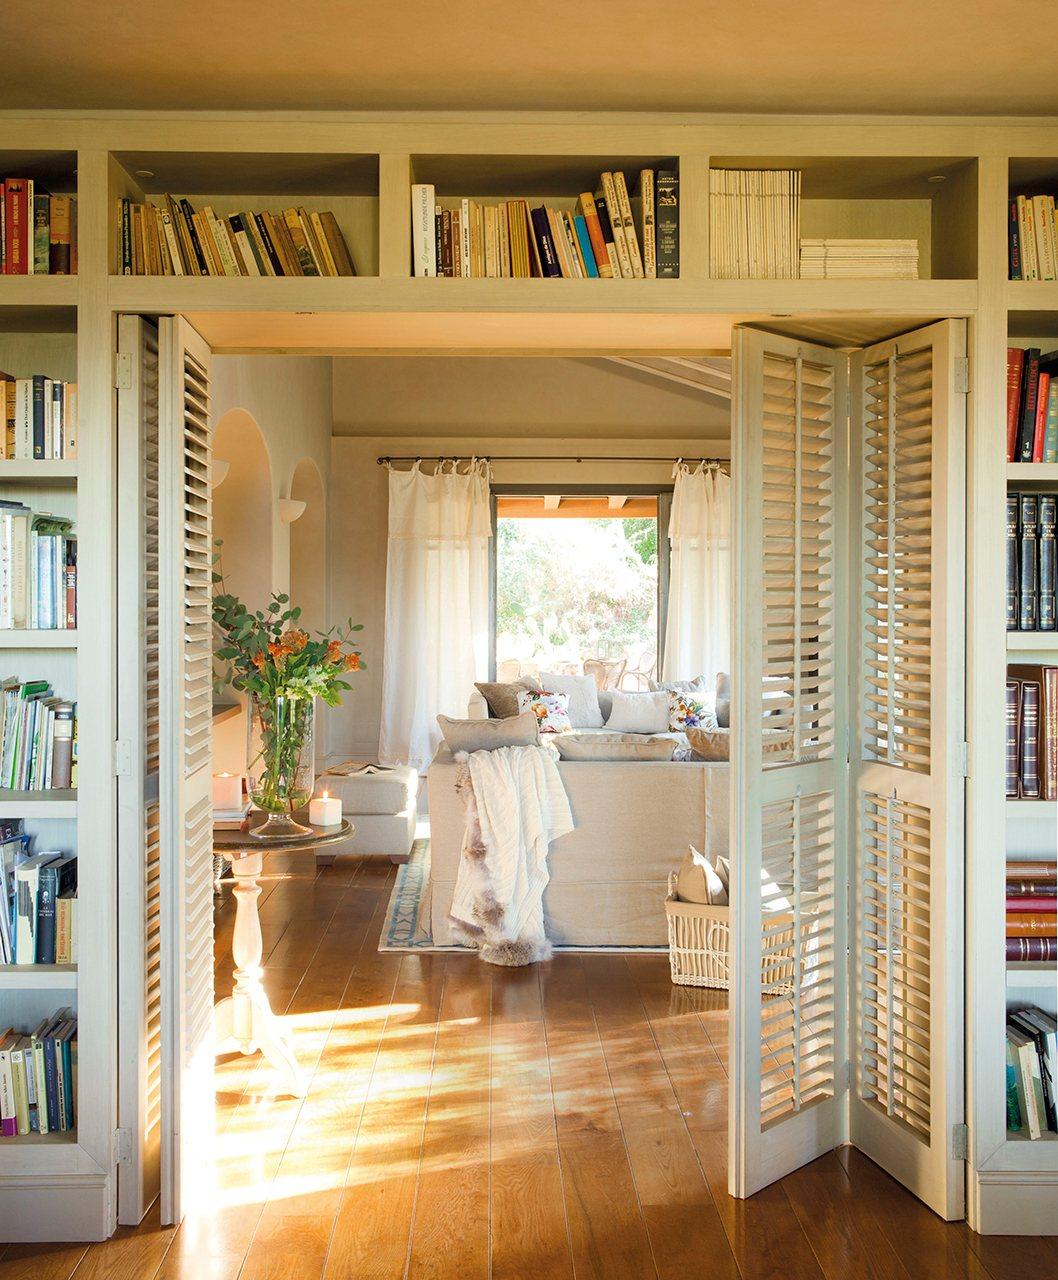 Gana una librería extra aprovechando rincones